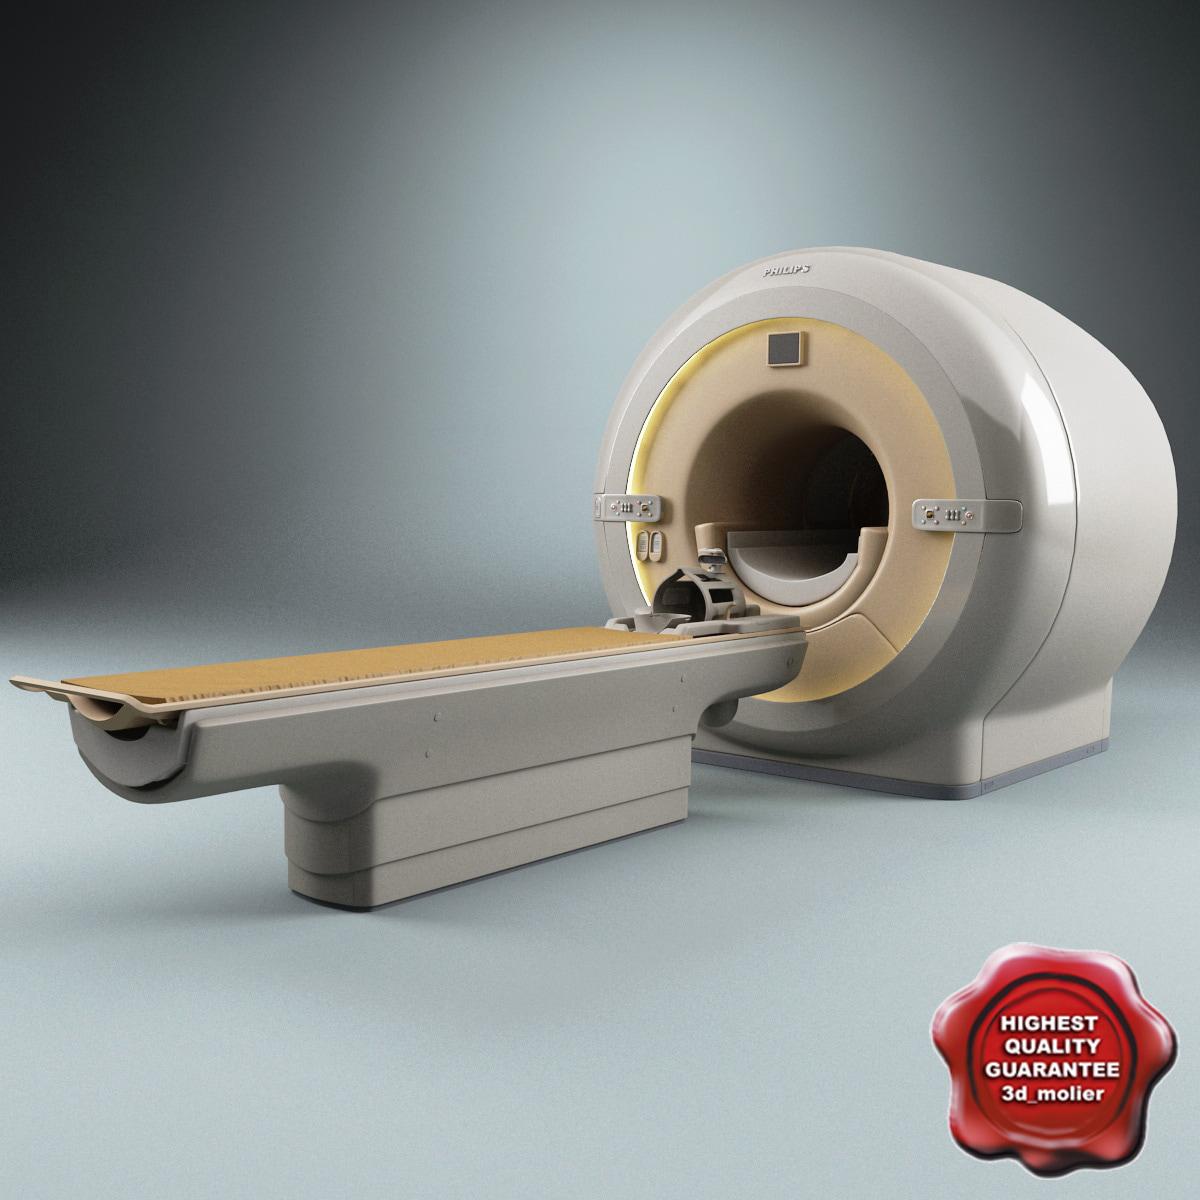 Philips_CT_Scanner_MRI_ATX_00.jpg